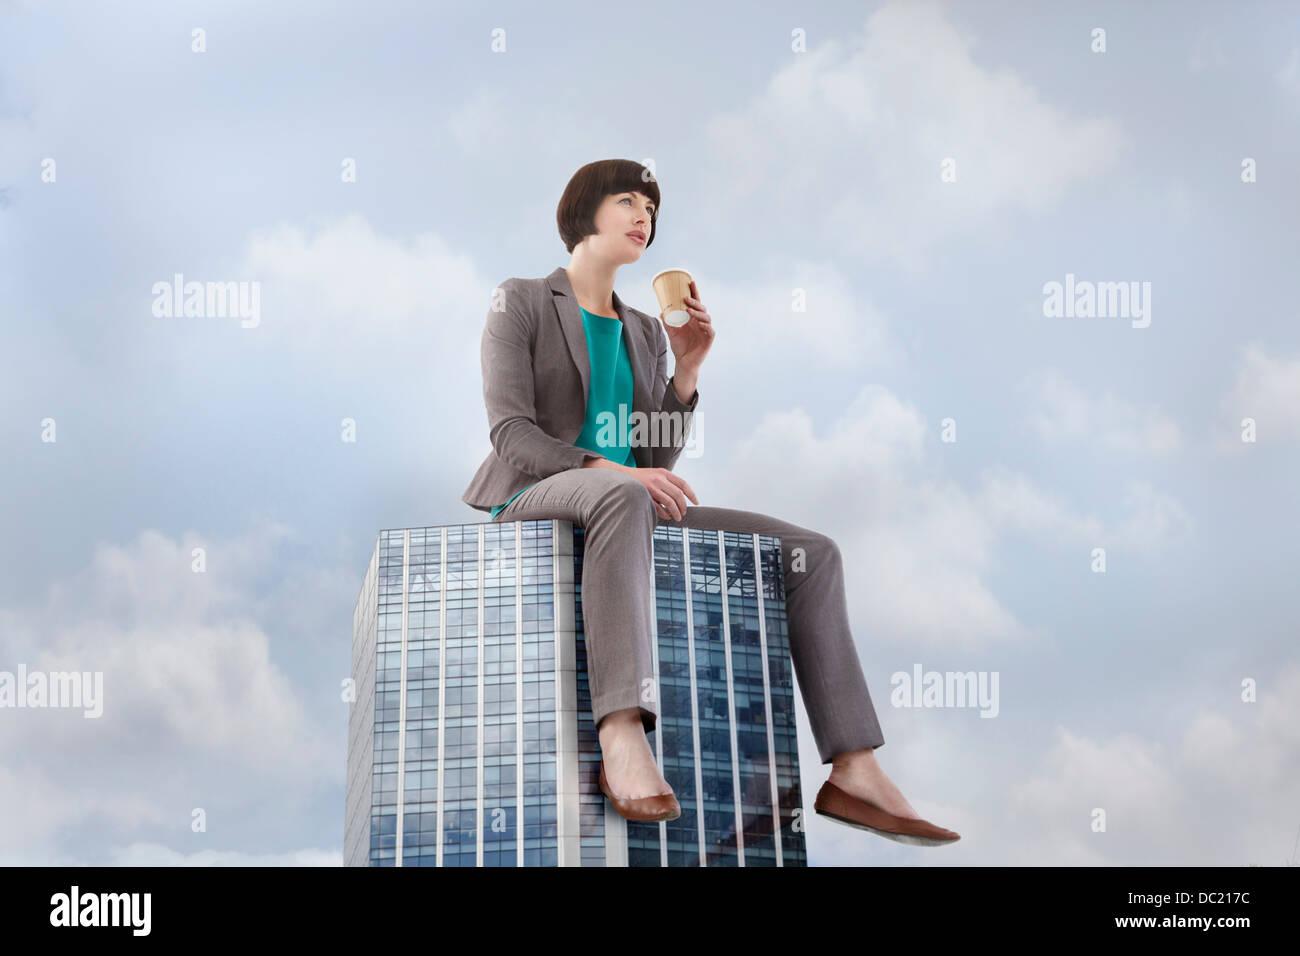 De grands gratte-ciel, low angle view Photo Stock